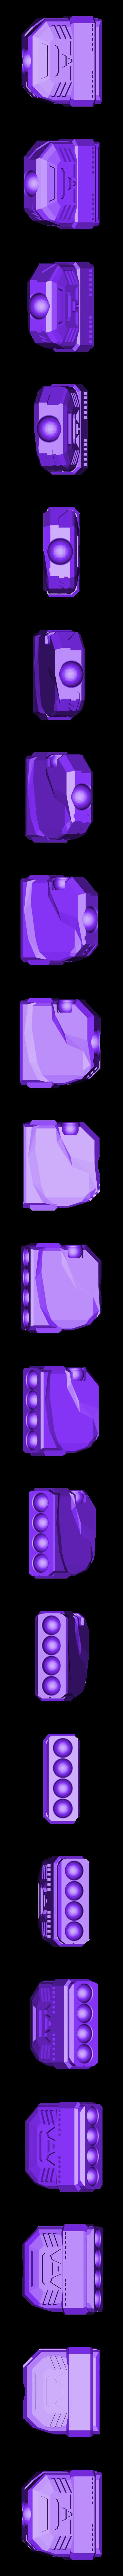 FULL_BALLJOINT_detail_v6_right.stl Télécharger fichier STL gratuit TRANSFORMERS CW POSABLE HANDS 2.0 • Design pour impression 3D, sickofyou